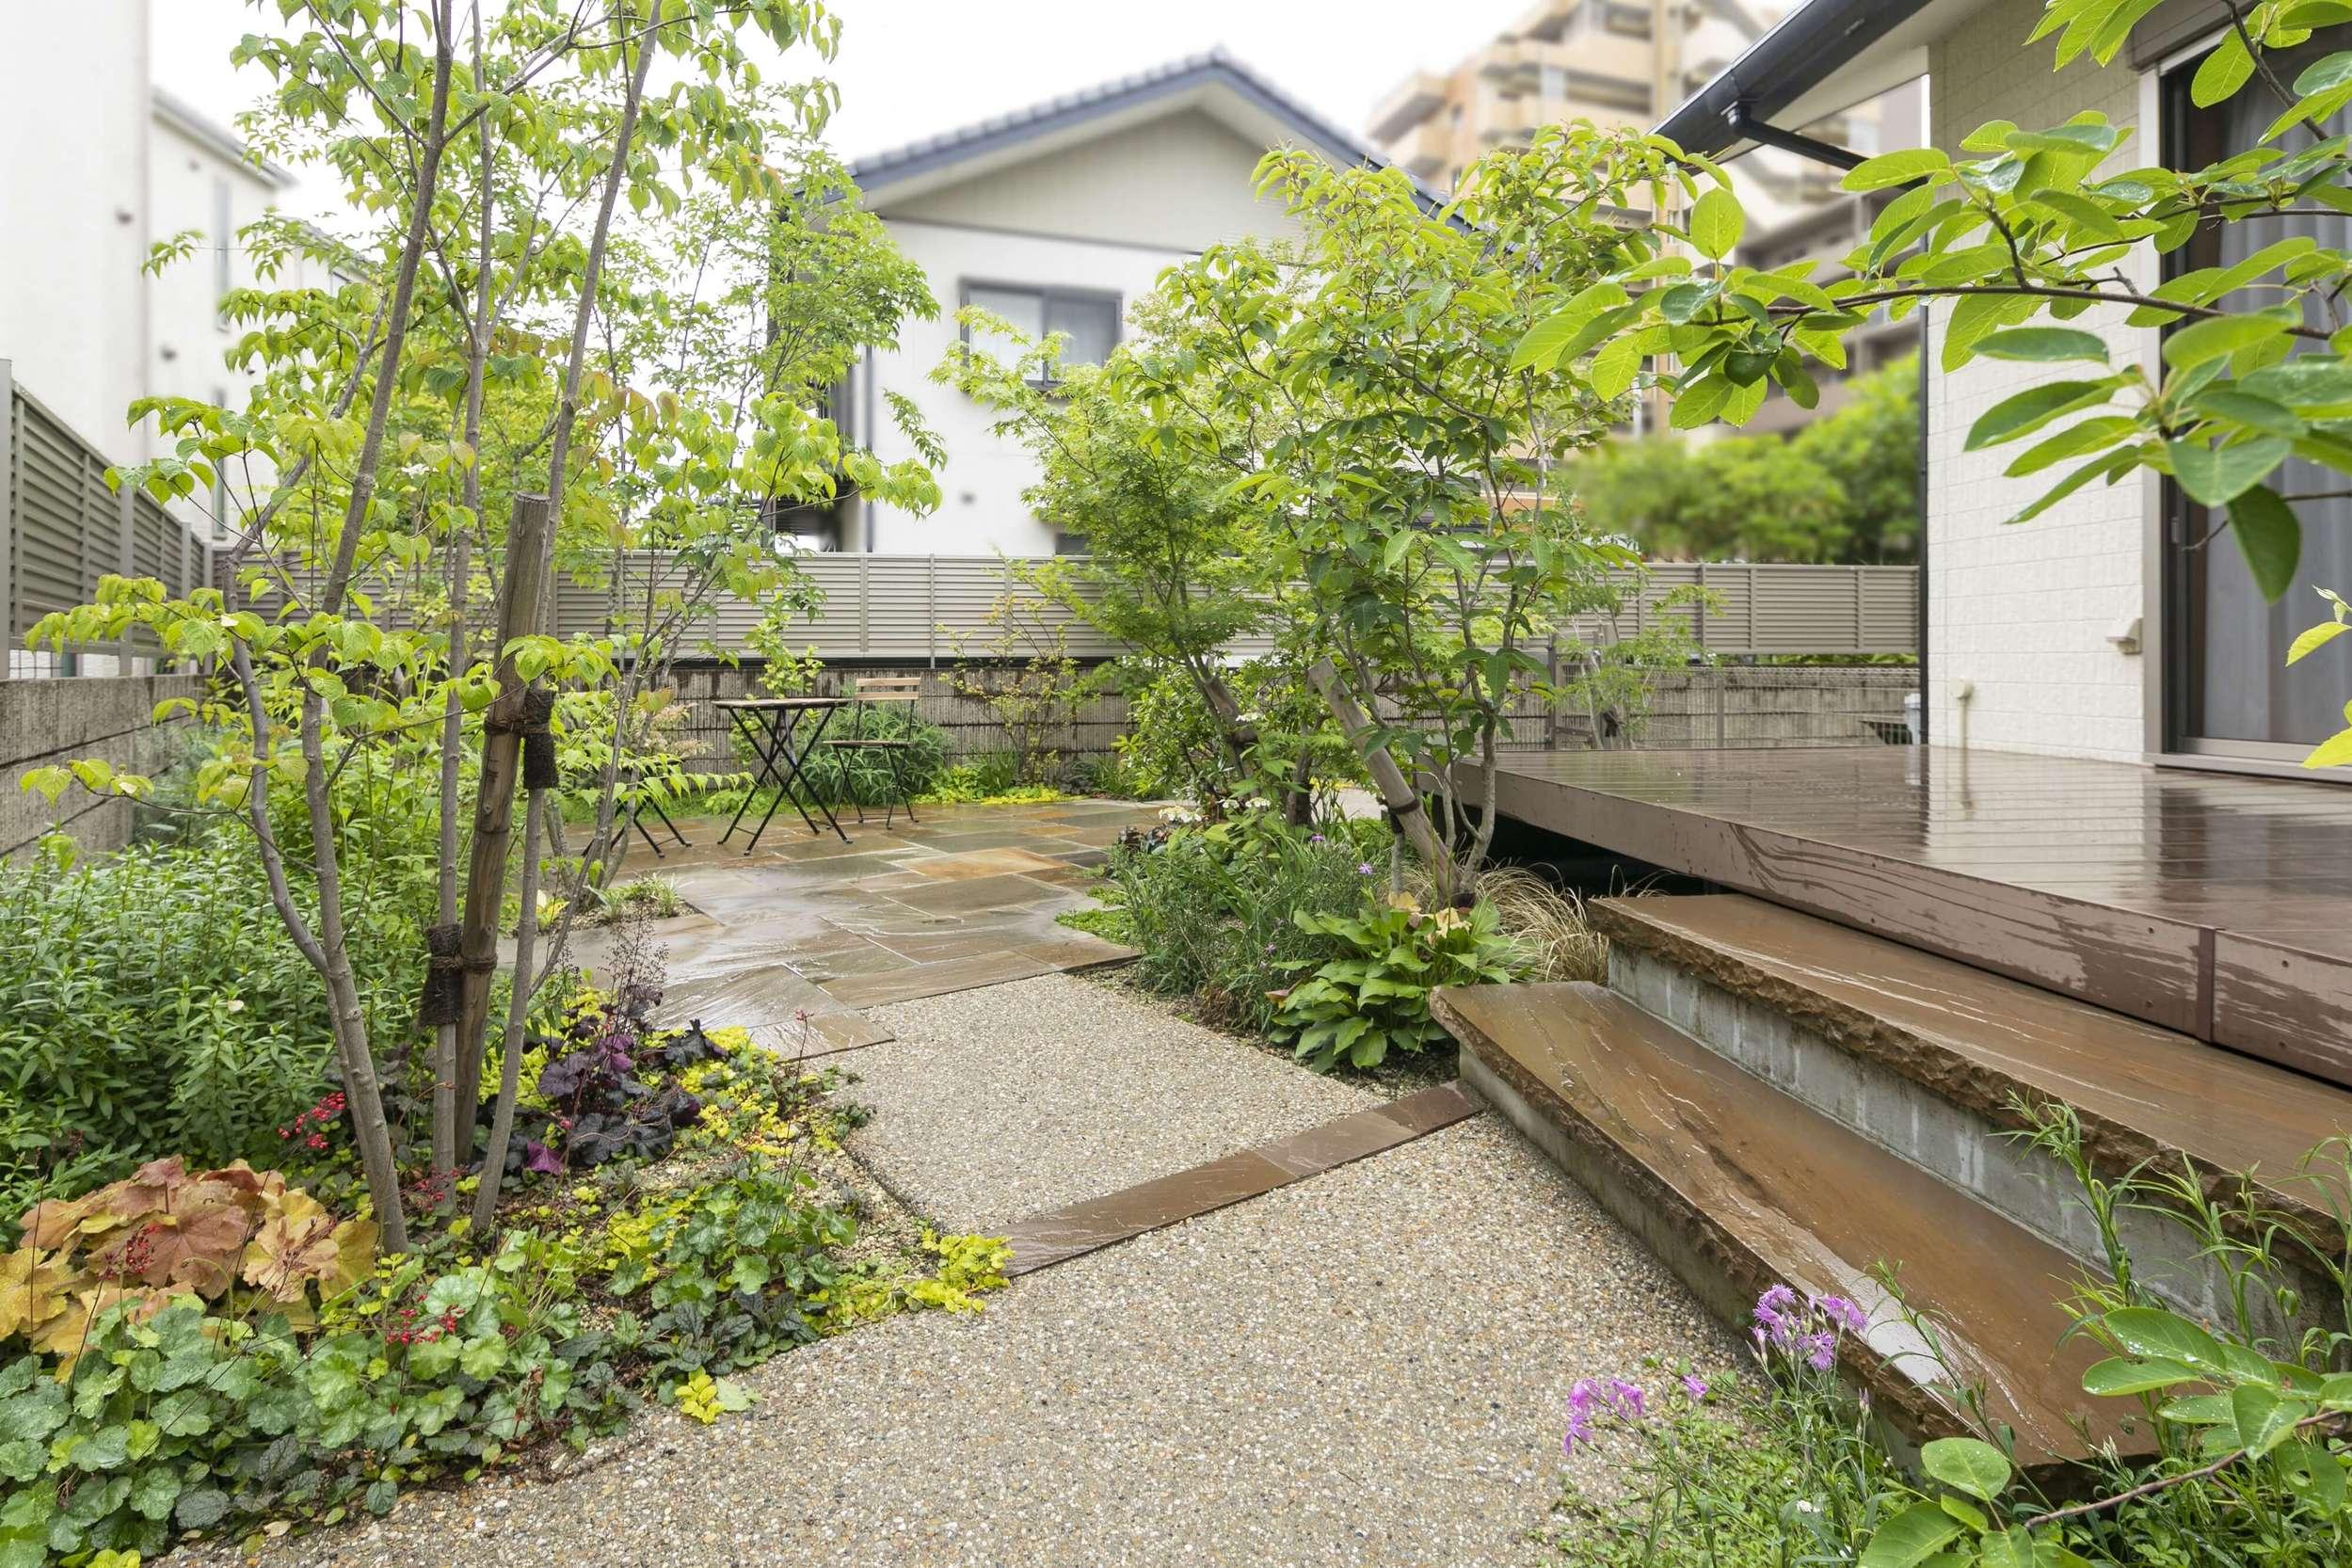 ナチュラル きれい 庭 ガーデン 植栽 カラーリーフ 自然石